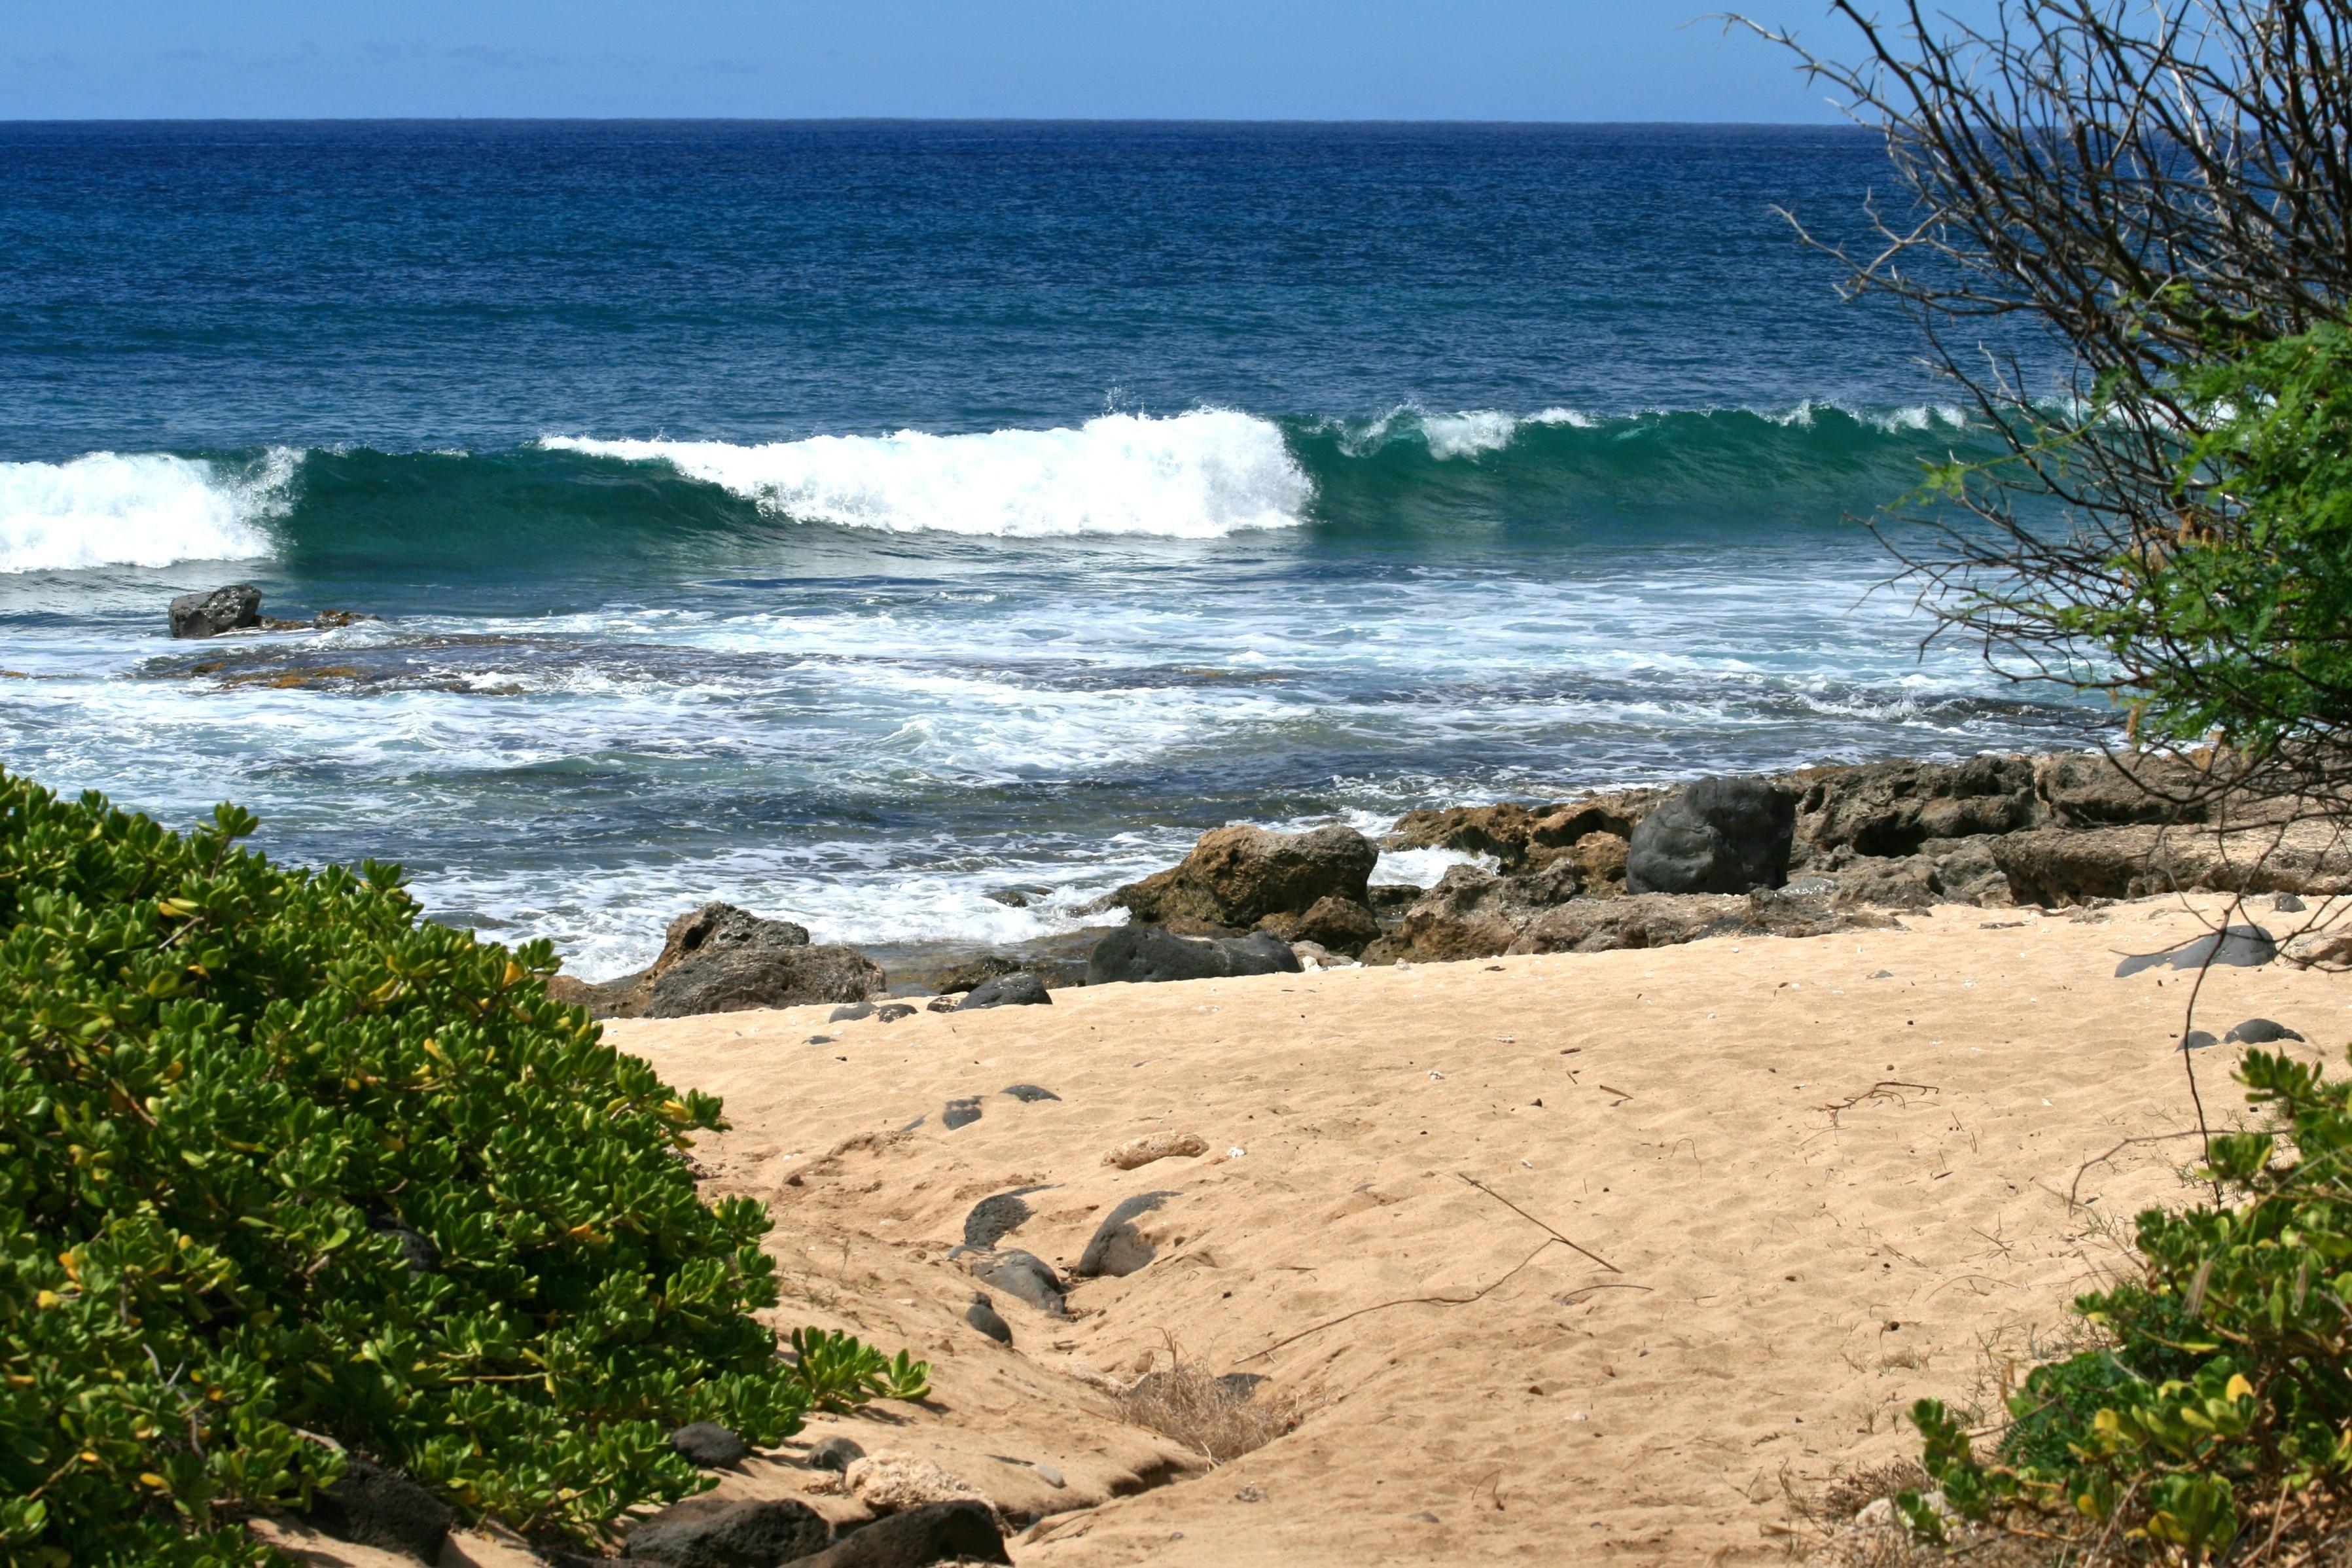 того, баланс красивые непрофессиональные фото моря этом фоне выглядит